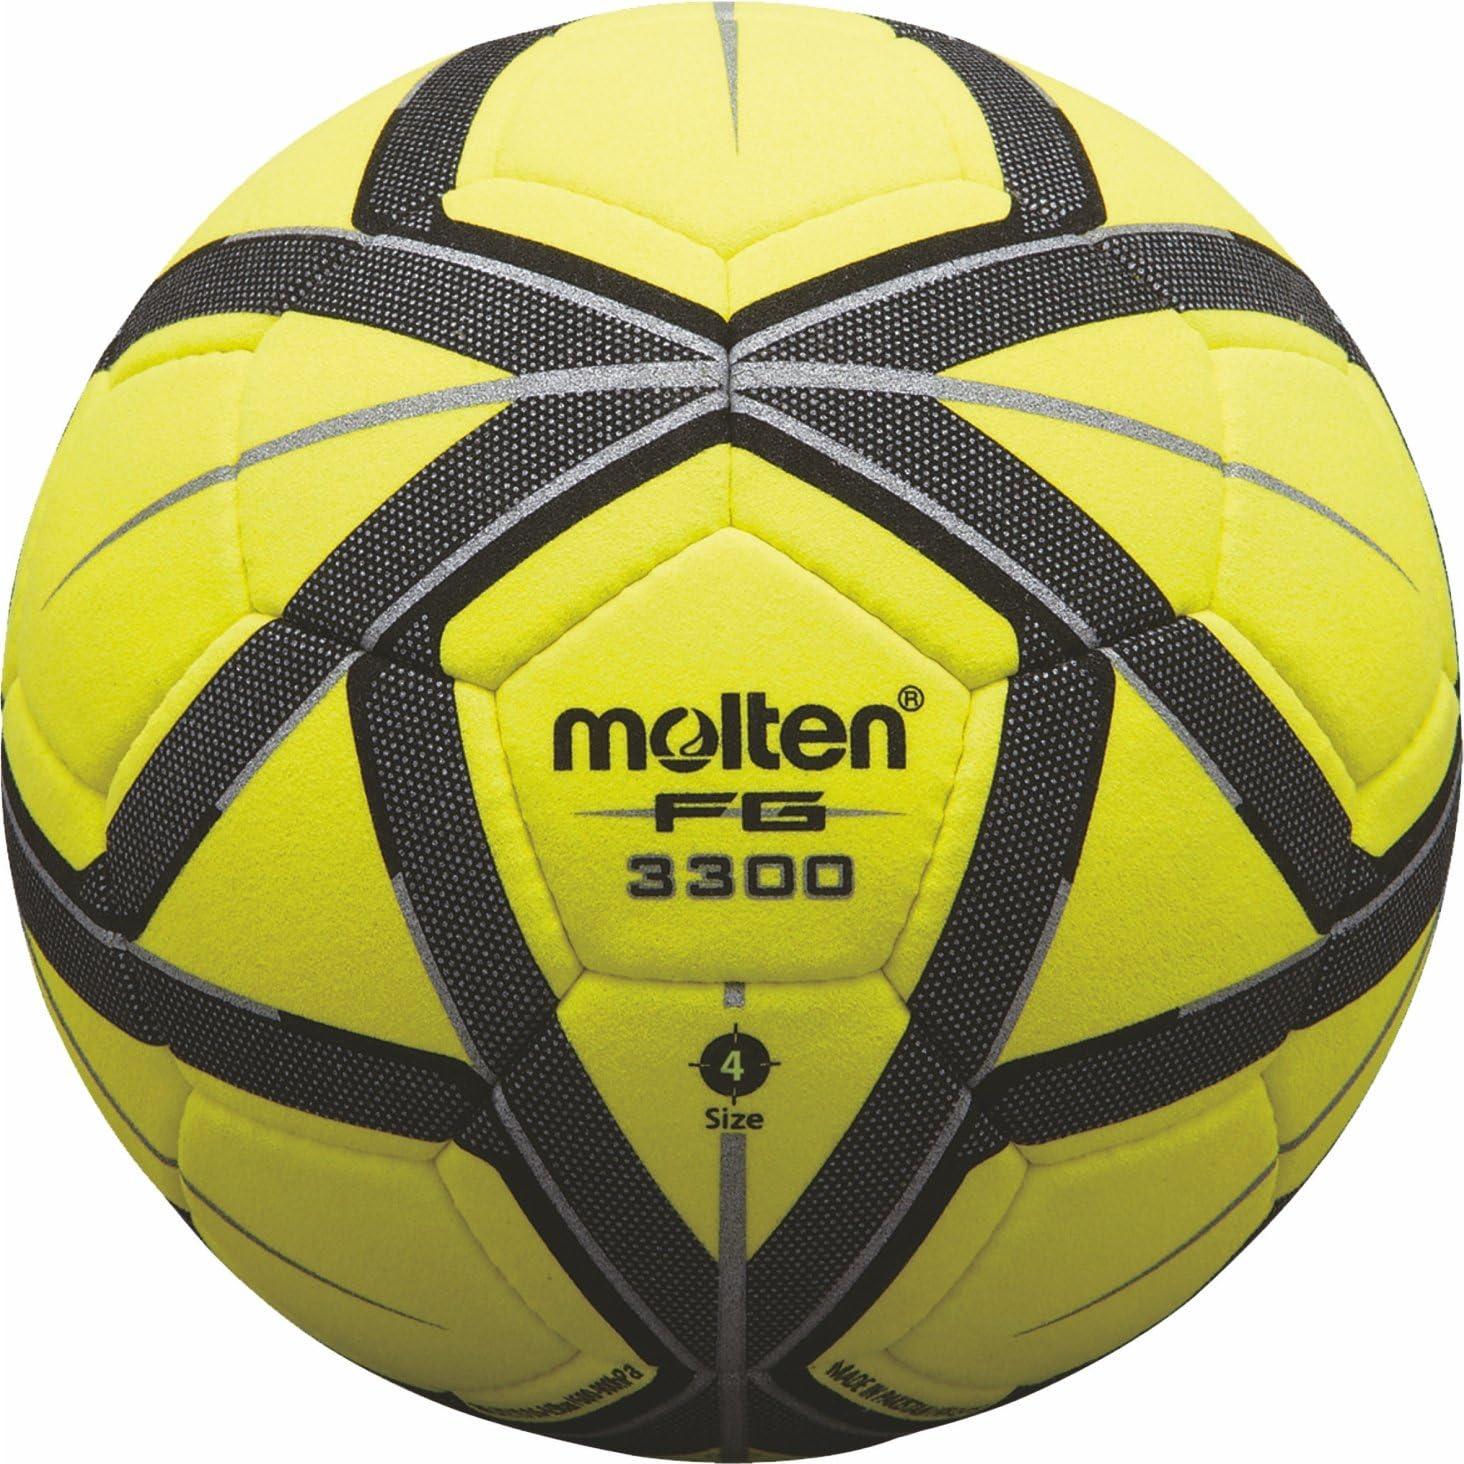 Molten – Balón de fútbol sala fg3300: Amazon.es: Deportes y aire libre